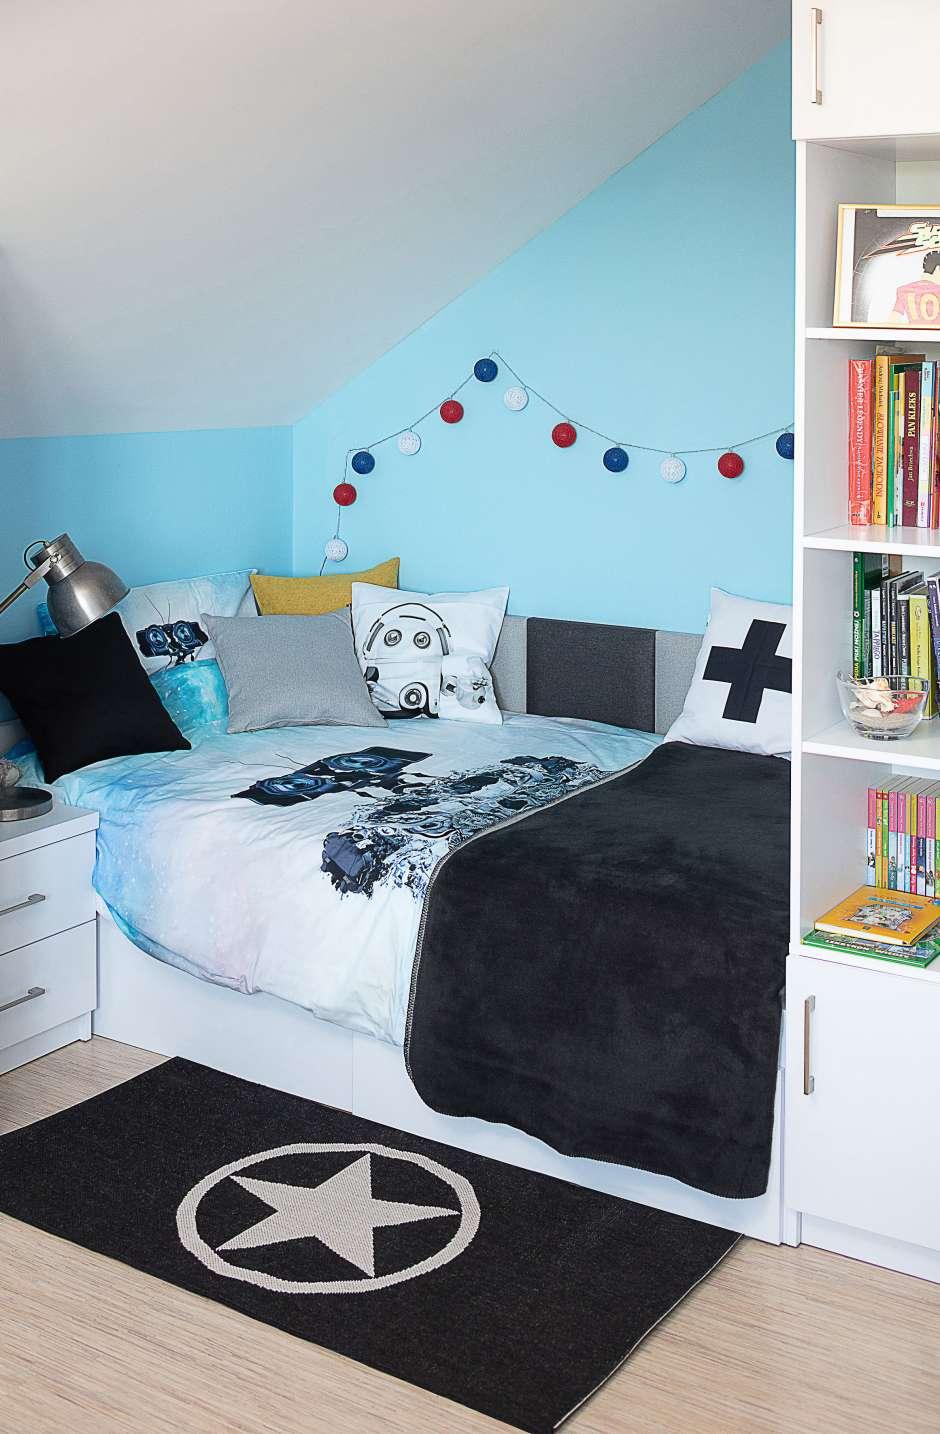 Кровать в маленькой комнате для ребенка